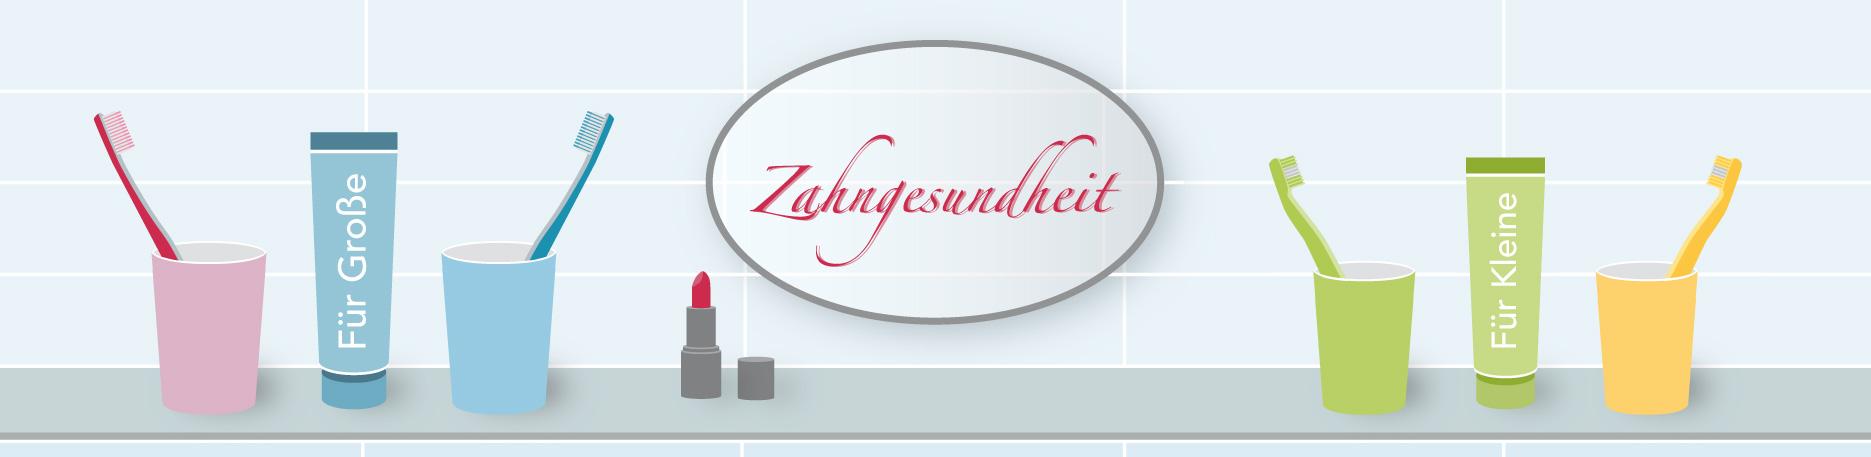 Titelbild der Seite Kieferorthopädie - Zahnarztpraxis im Zerbster Zentrum - Zahnarzt Dr. med. Bernd Lux